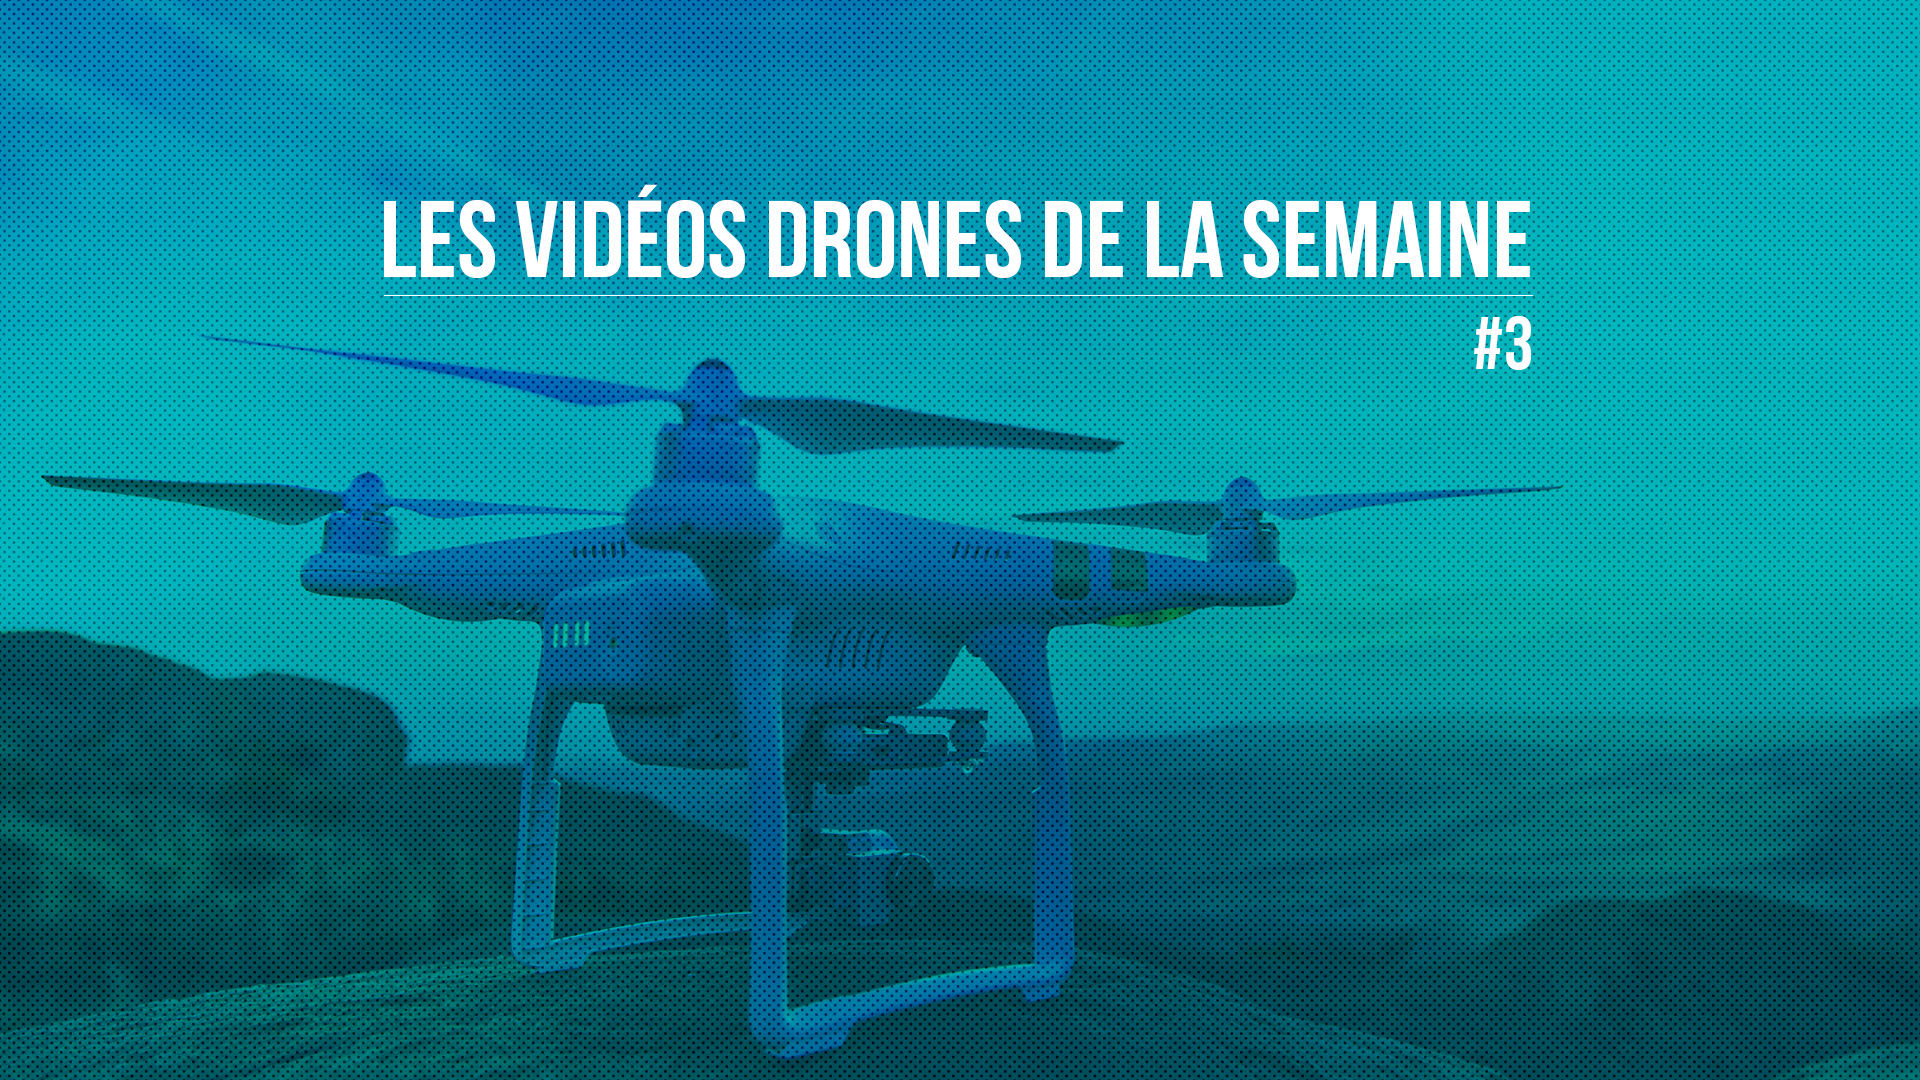 Les vidéos drones de la semaine #3